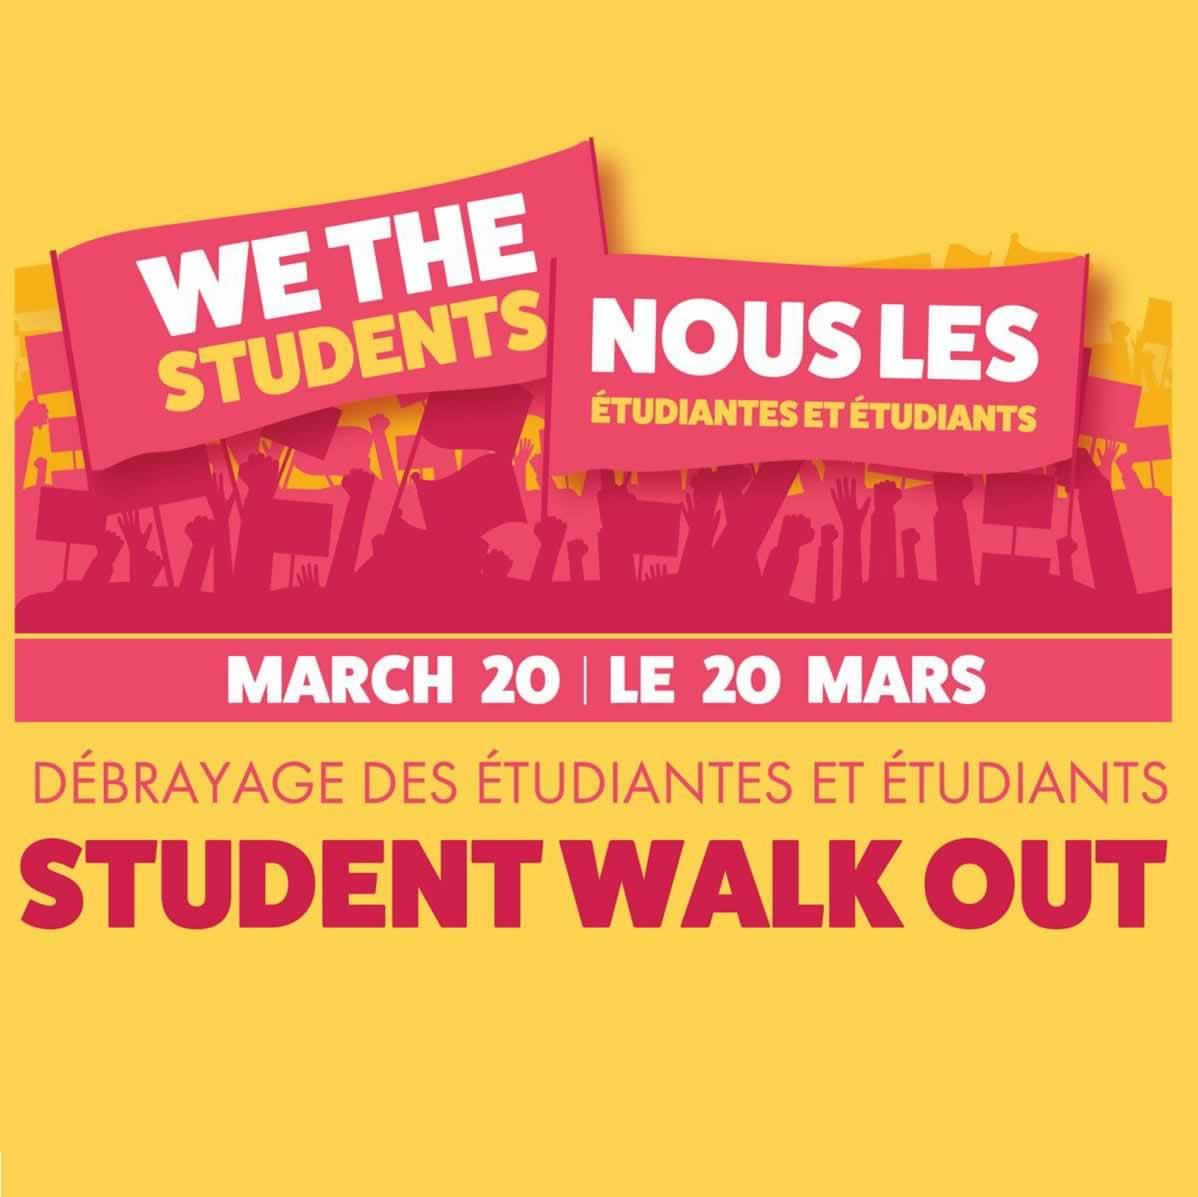 We the Students: Student Walk Out, March 20. Nous les etudiantes et etudiants : debrayage des etudiantes et etudiants, le 20 mars